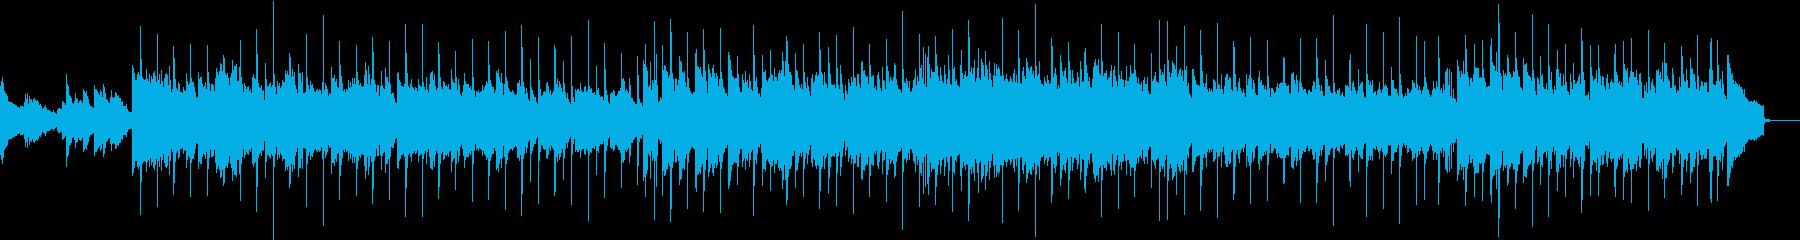 ピアノバックの曲の再生済みの波形